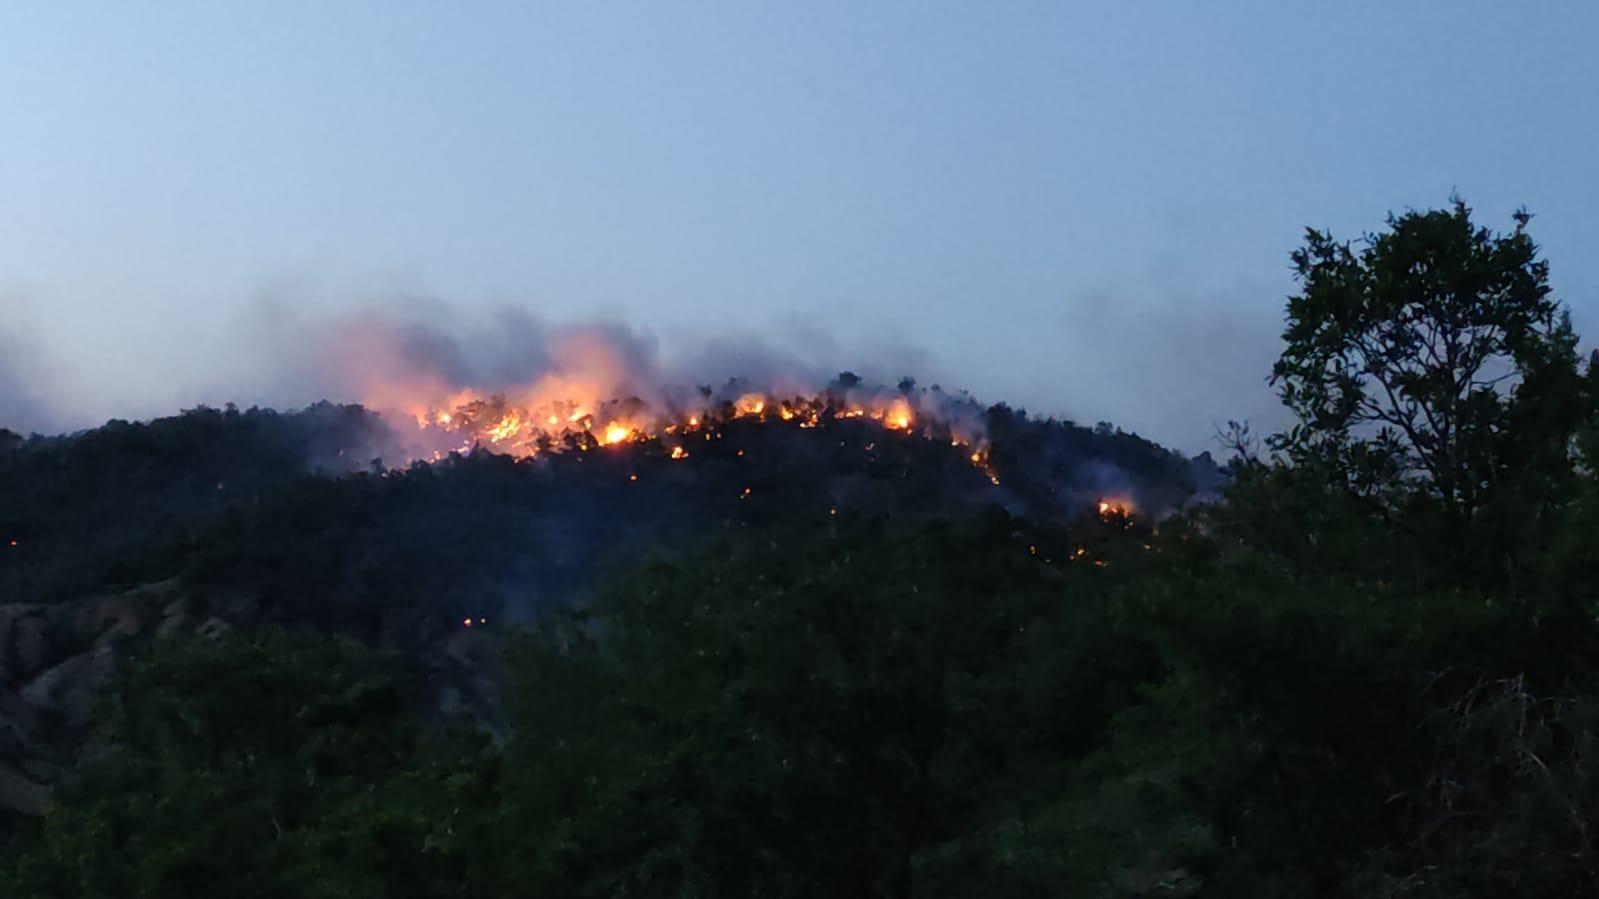 Bingöl'de orman yangını 2 günde kontrol altına alınabildi